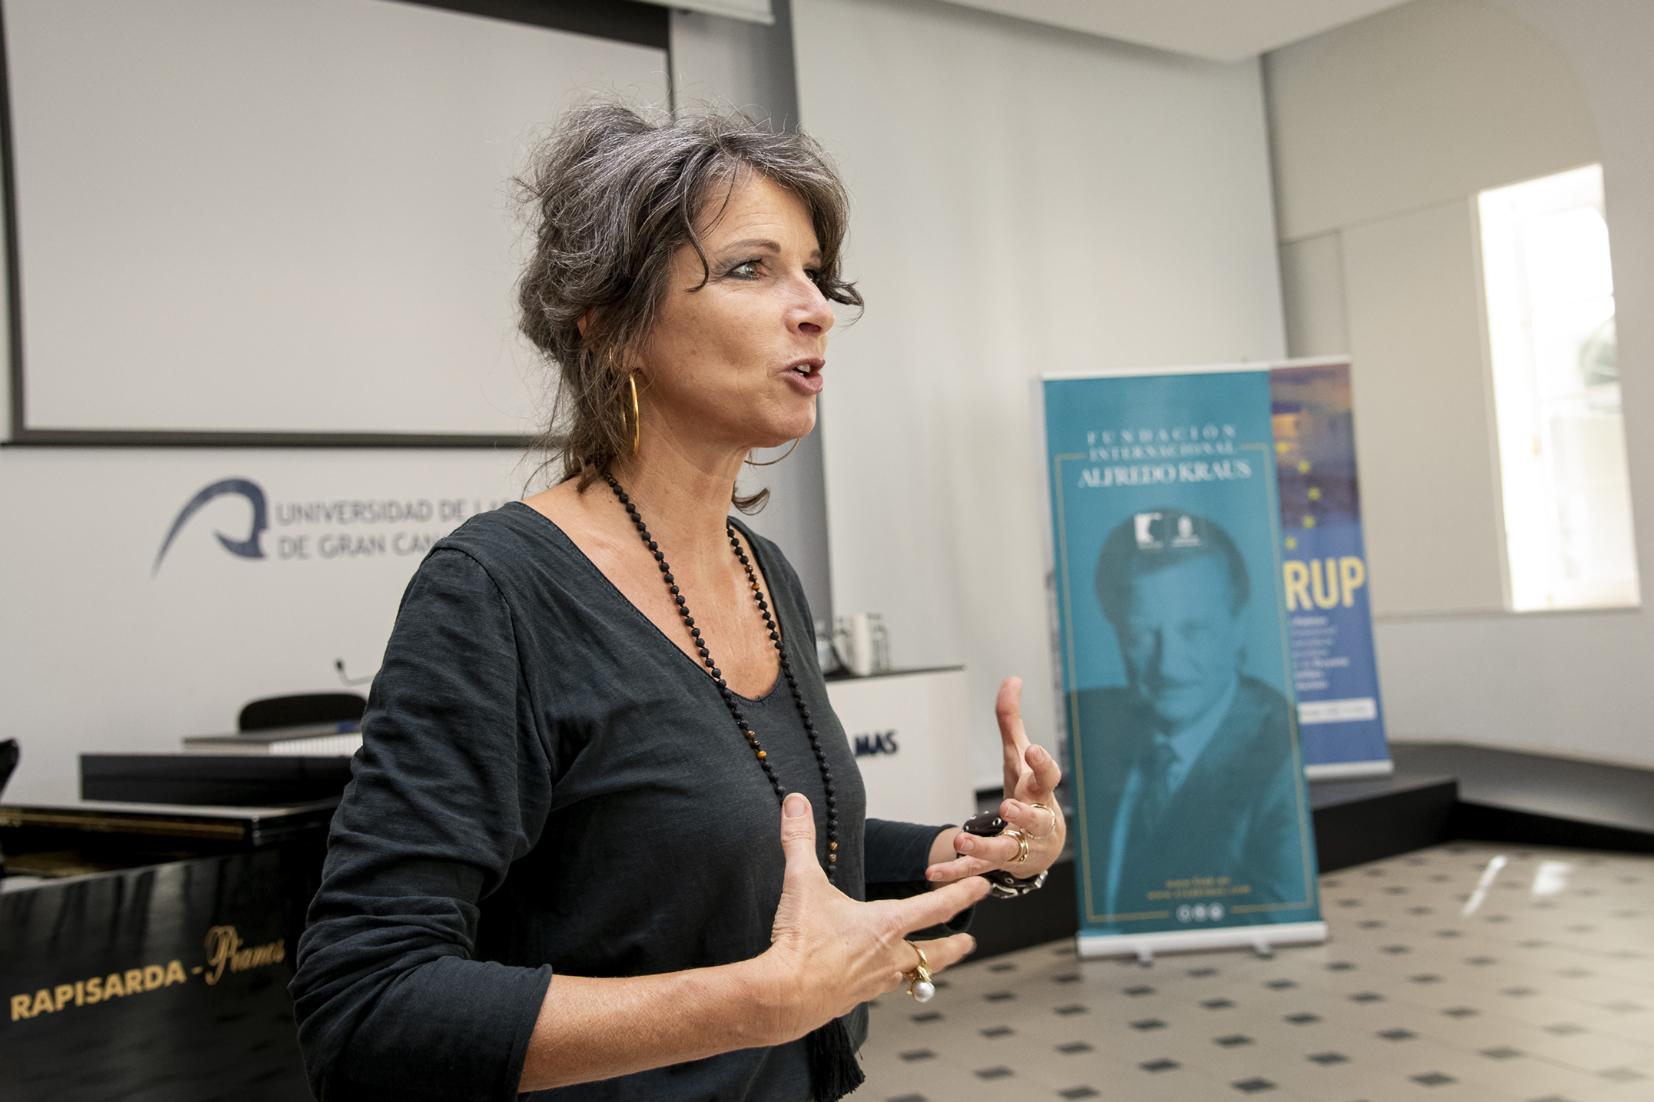 La soprano Nicola Beller Carbone imparte el Workshop FIAK'19 en el Aula de Piedra del Rectorado de la ULPGC